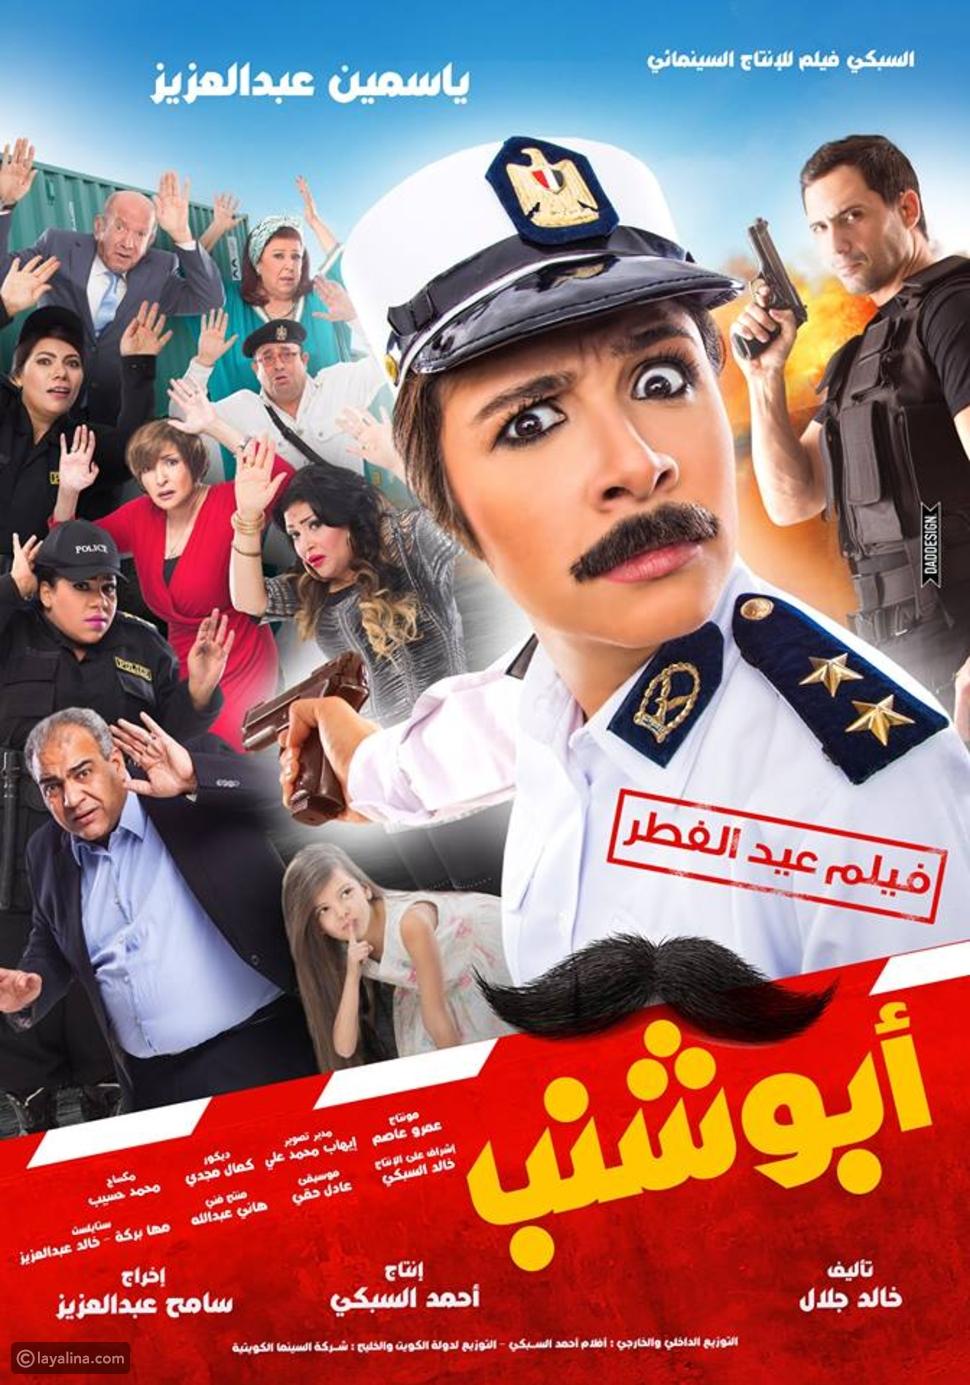 """""""شارب"""" ياسمين عبد العزيز يتصدر هذه الصورة"""